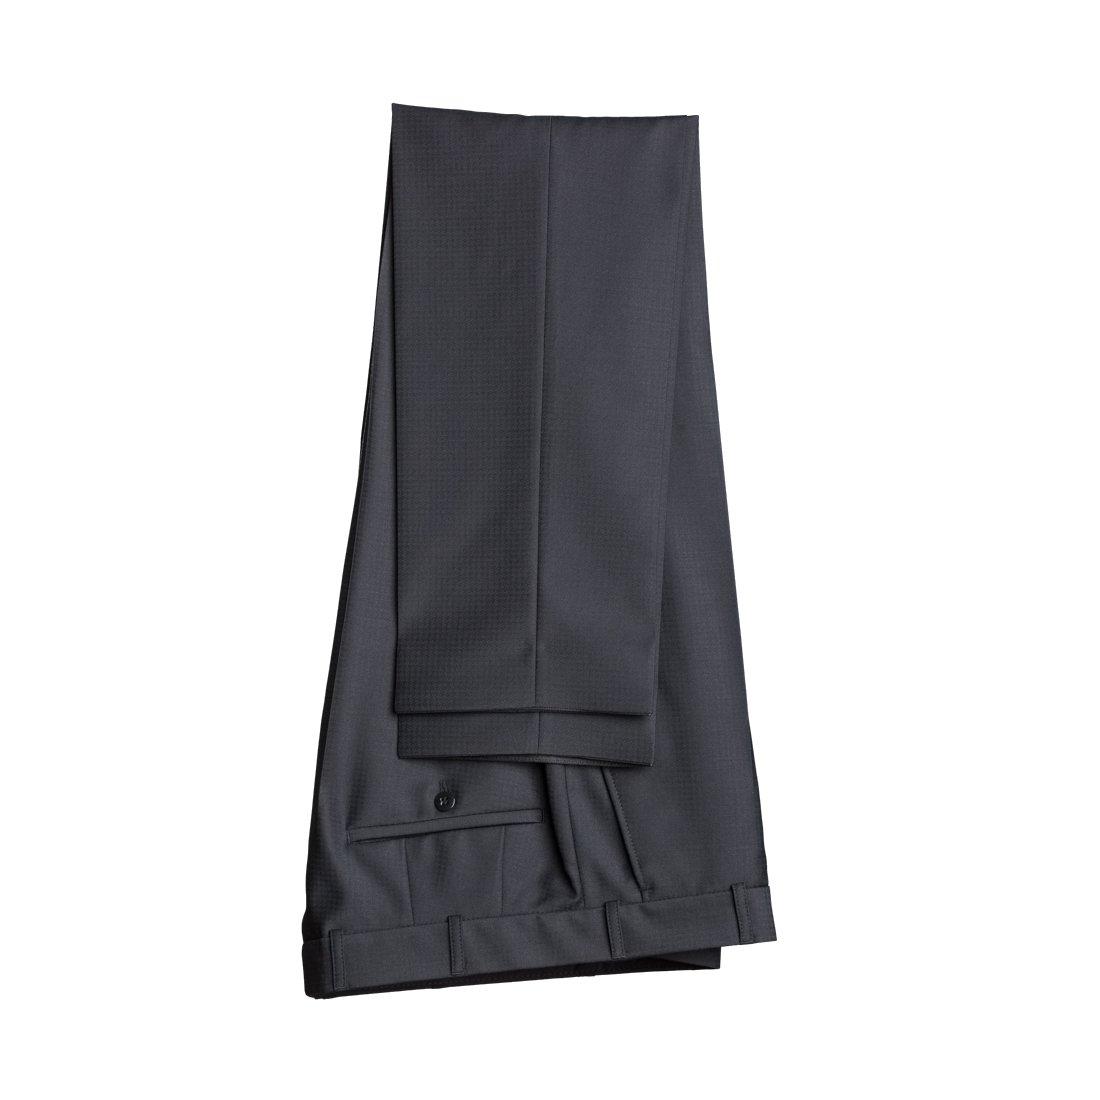 WILVORST Smoking Hose Schwarz Drop8 Extra Schmal Tailliert Geschnitten 63% Wolle 26% Polyester 7% Polyamid 4% Elasthan 270g 461206/10//724//